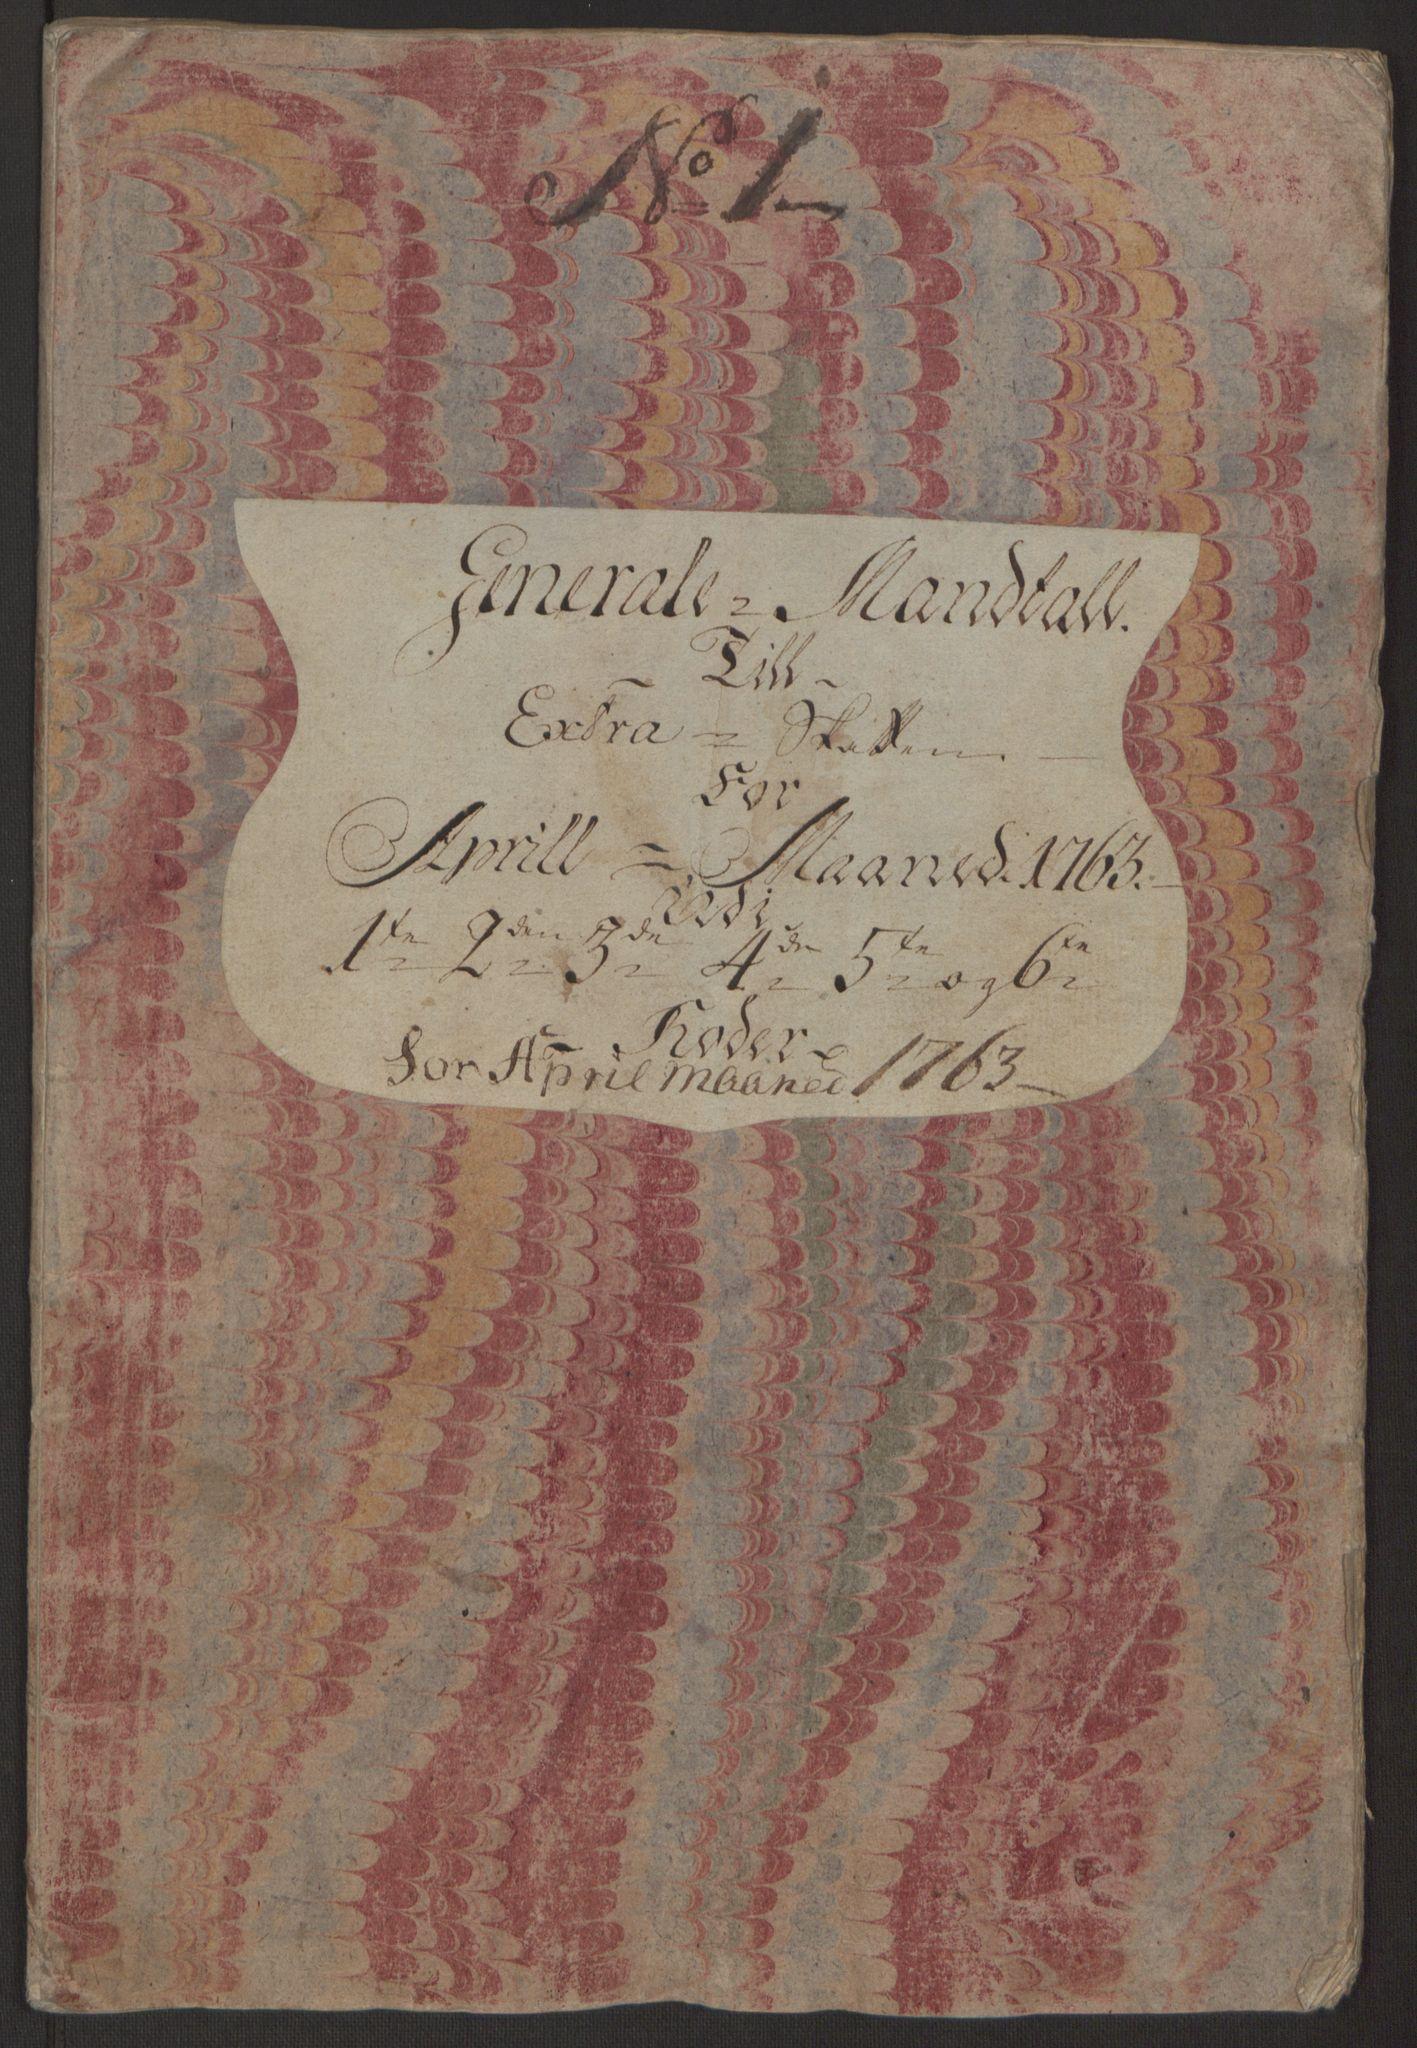 RA, Rentekammeret inntil 1814, Reviderte regnskaper, Byregnskaper, R/Rp/L0366: [P20] Kontribusjonsregnskap, 1763, s. 42